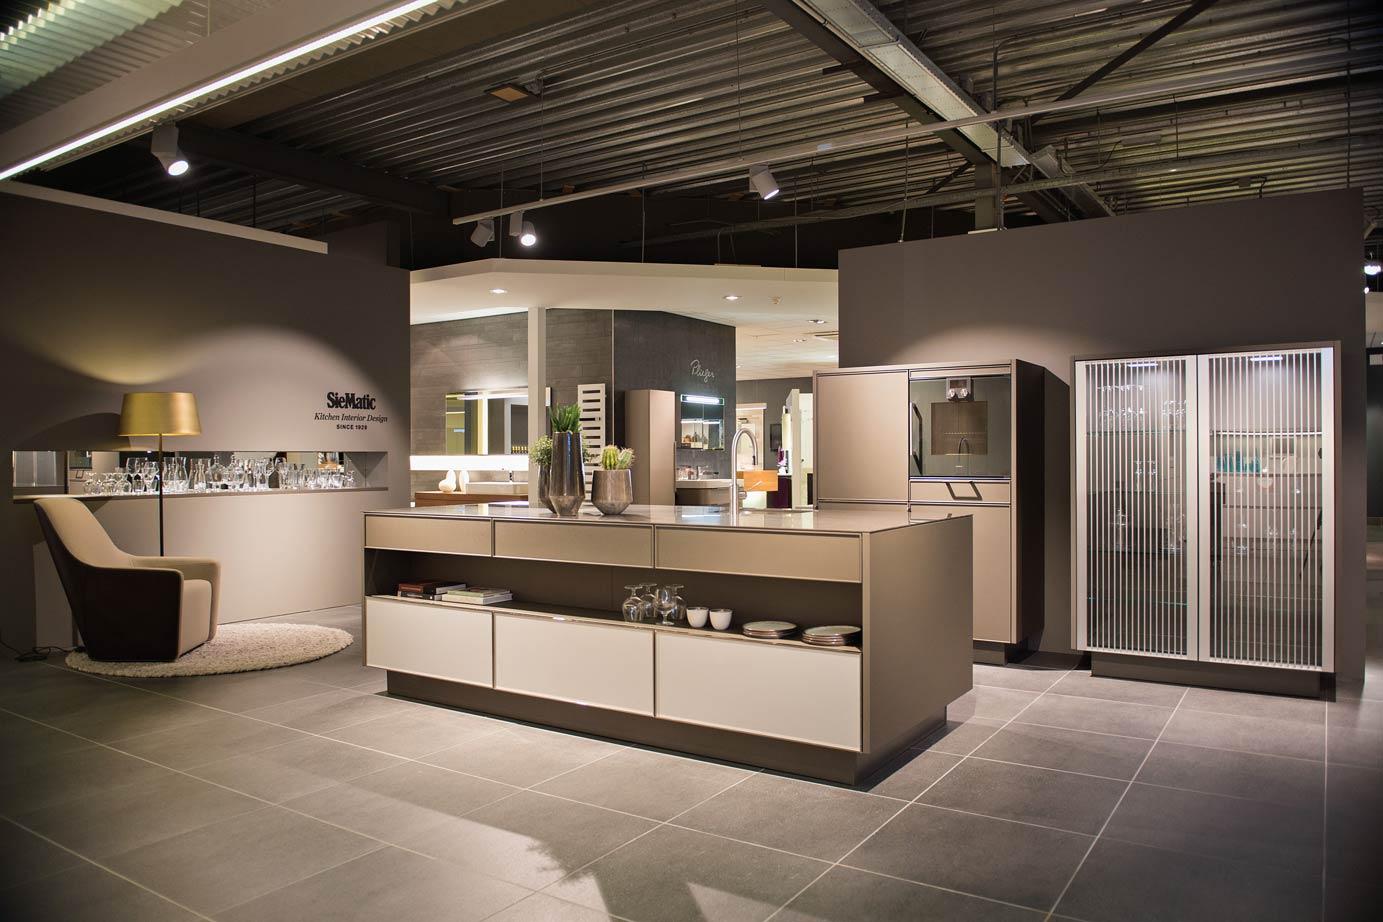 Keur Keukens Haarlem : Maak kennis met keur keukens moderne keukens volledig ontzorgen